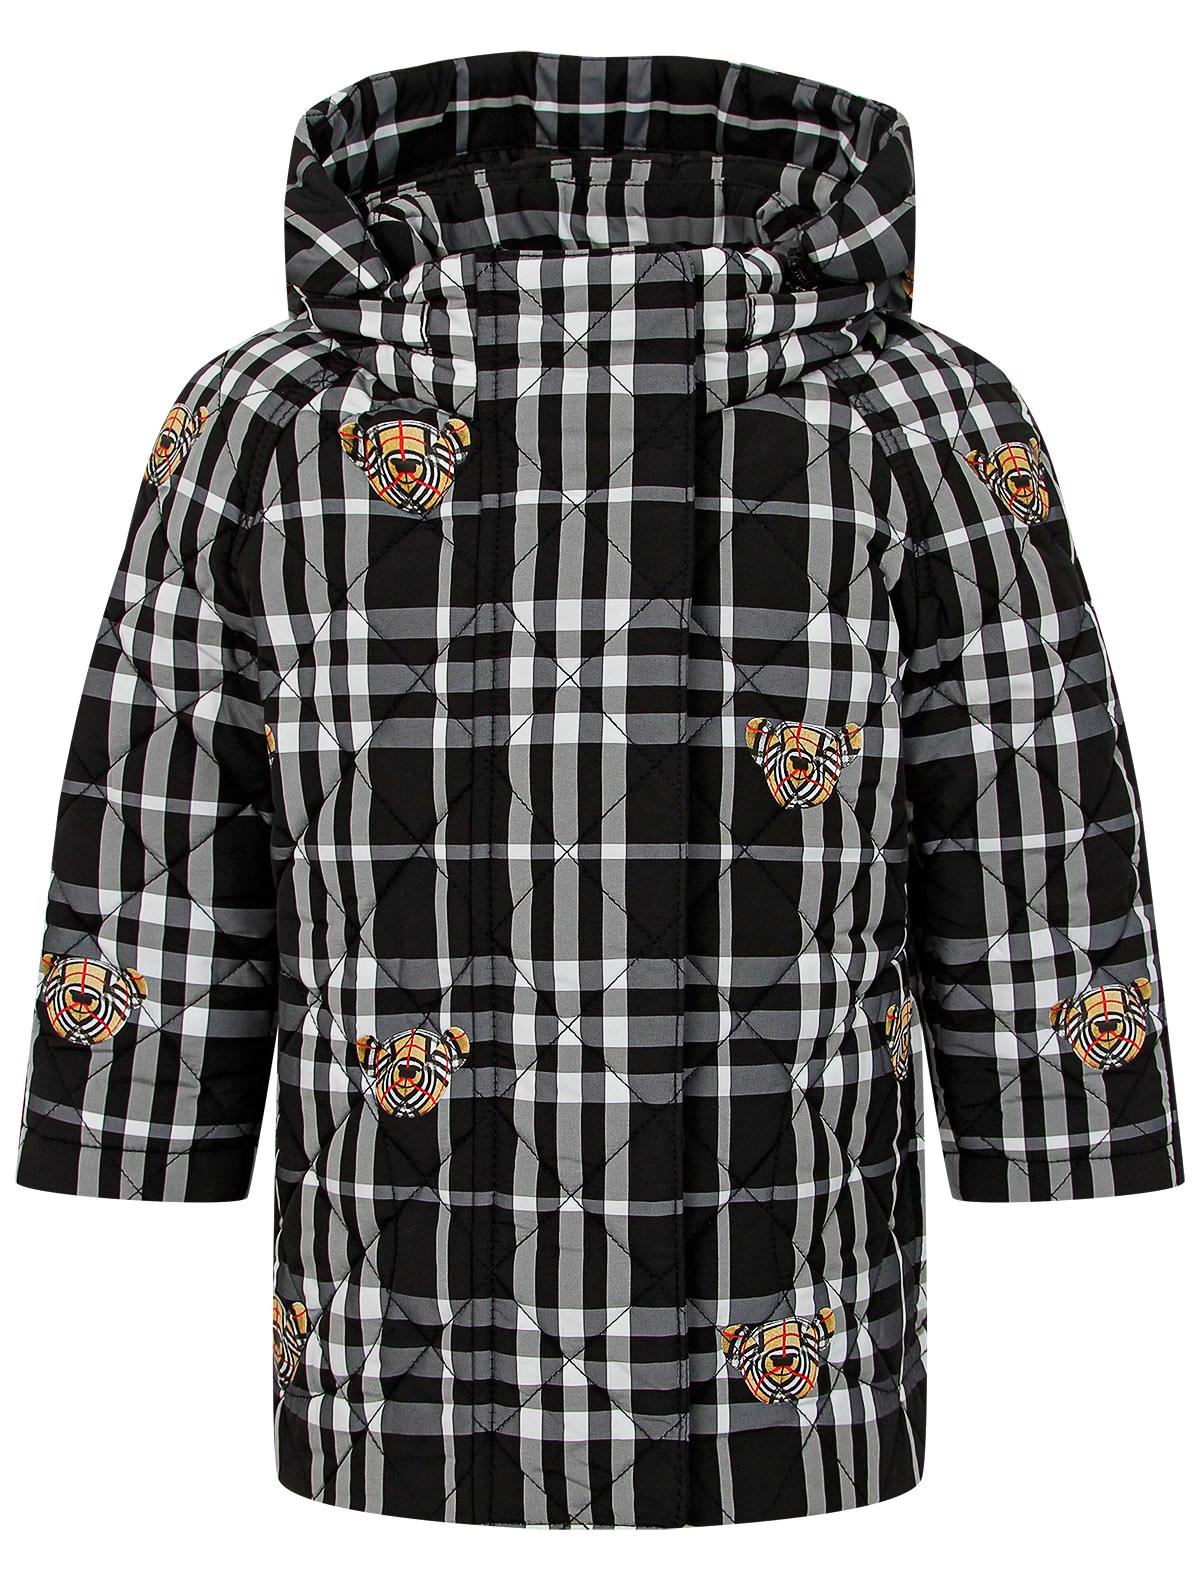 Купить 2340799, Куртка Burberry, черный, Женский, 1074509180753